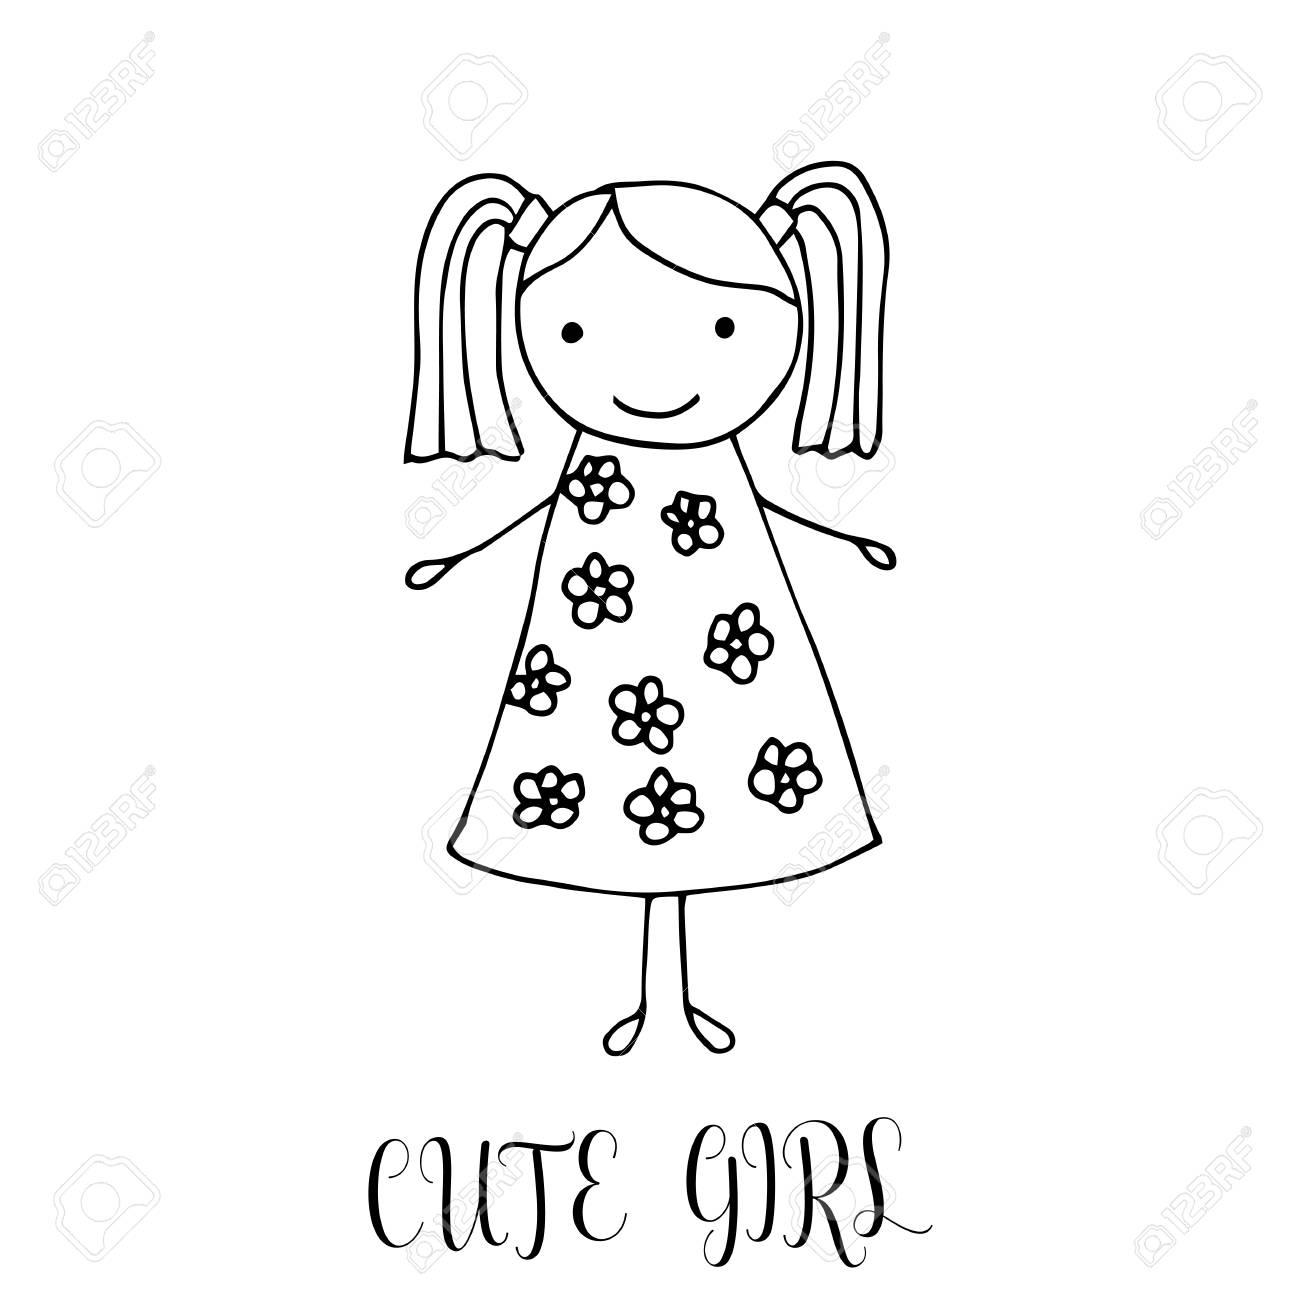 Jolie Petite Fille Dessin à La Main Dans Le Style Des Enfants Drôle élément De Design Pour La Décoration Des Souvenirs Cartes Affiches Bannières